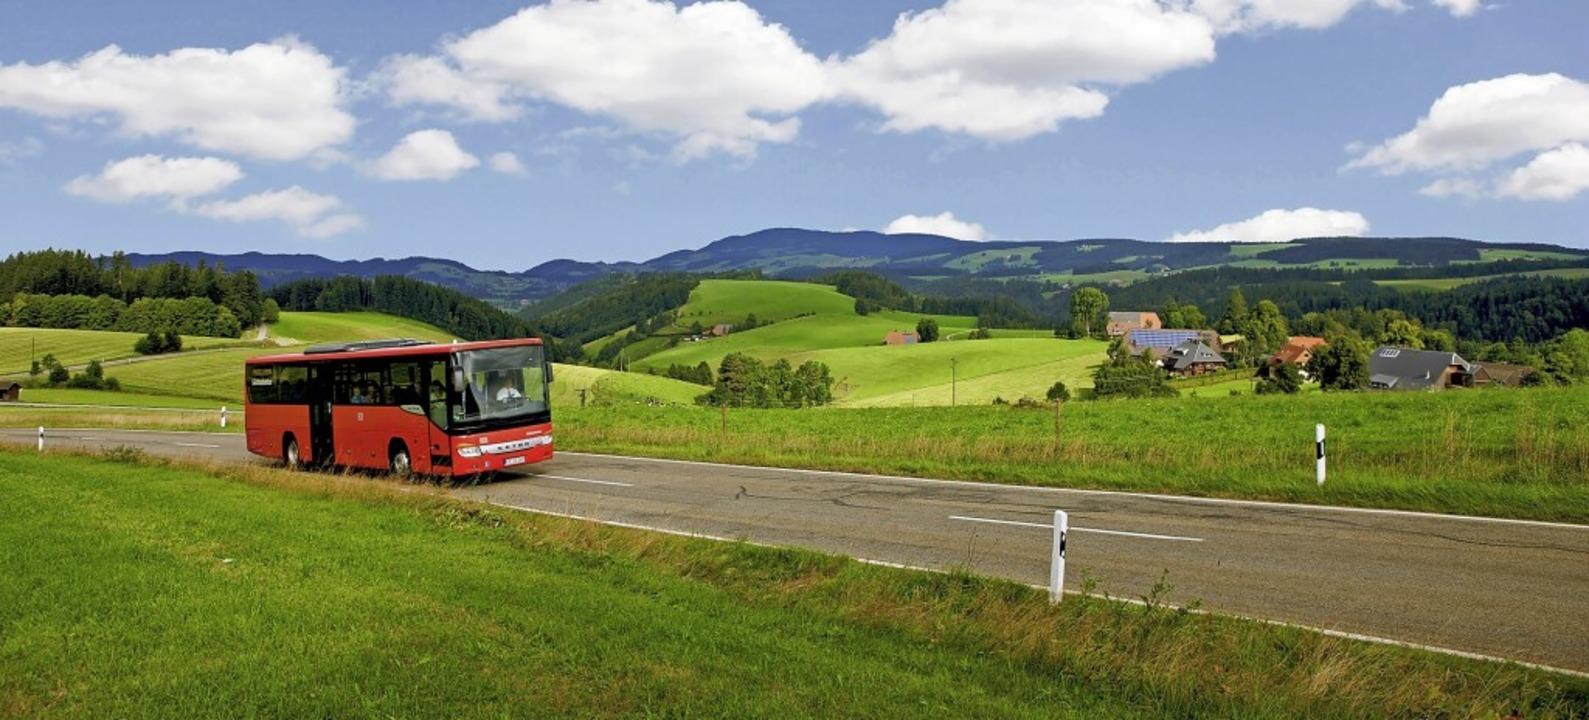 Bei den roten SBG-Bussen kann man mit ...ernachtungsgäste in Waldshut-Tiengen.   | Foto: Mesenholl/Schwarzwald Tourismus